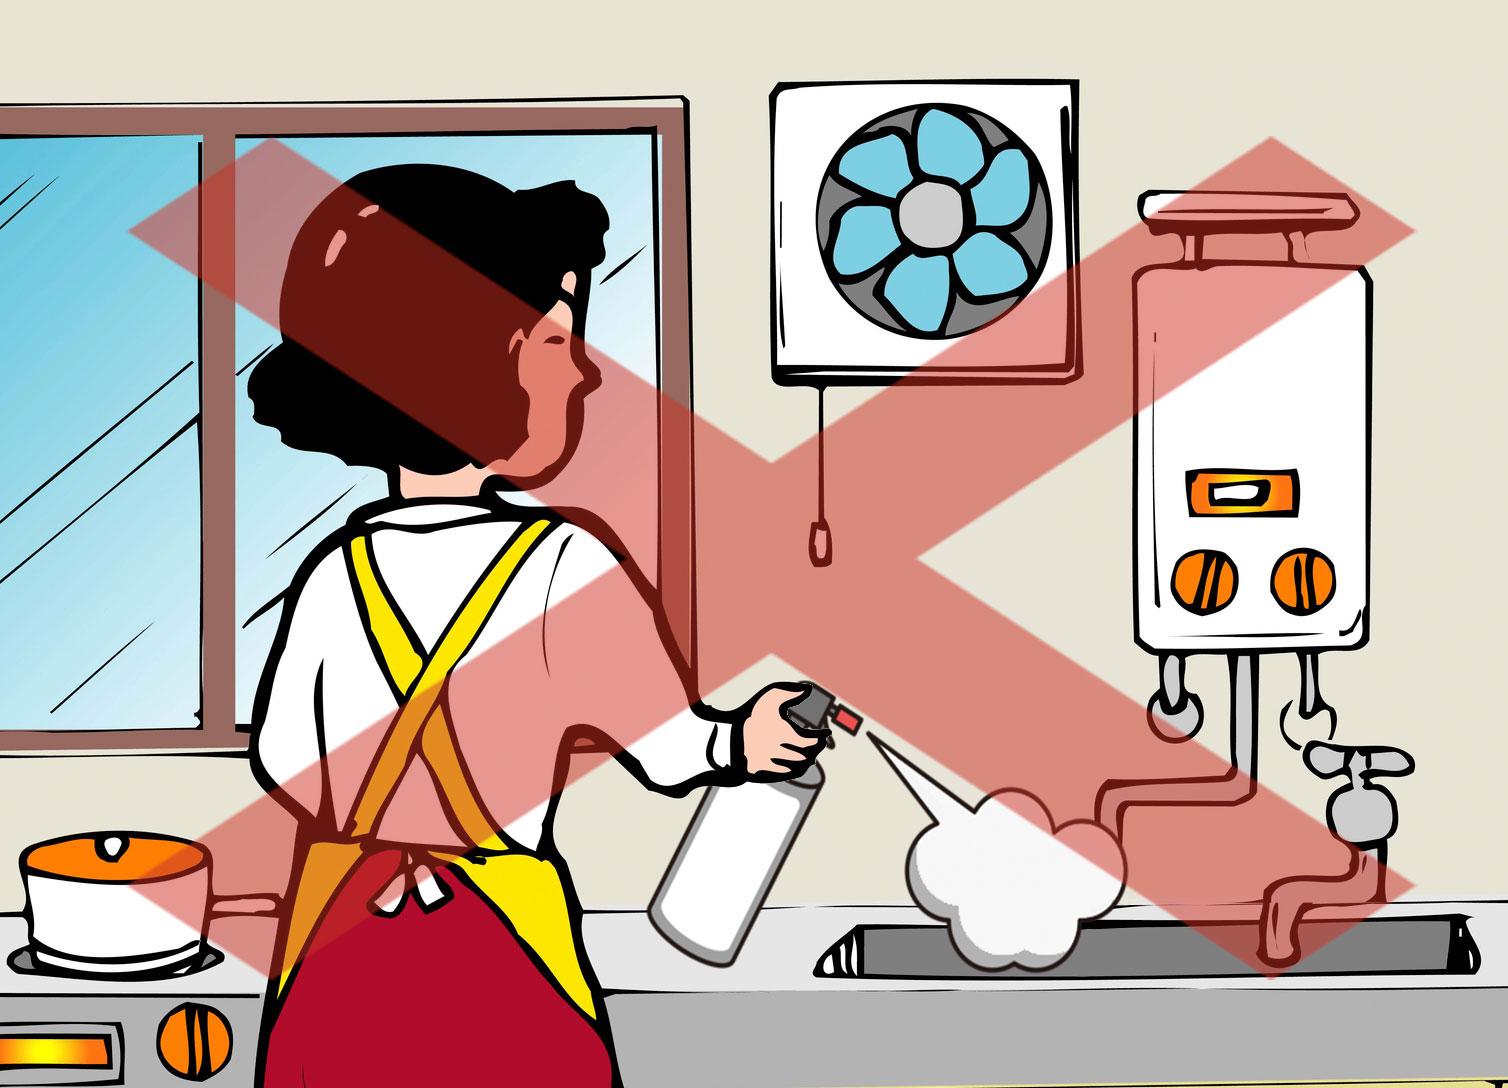 スプレー缶の中身出し:キッチン(シンク)での作業は危険